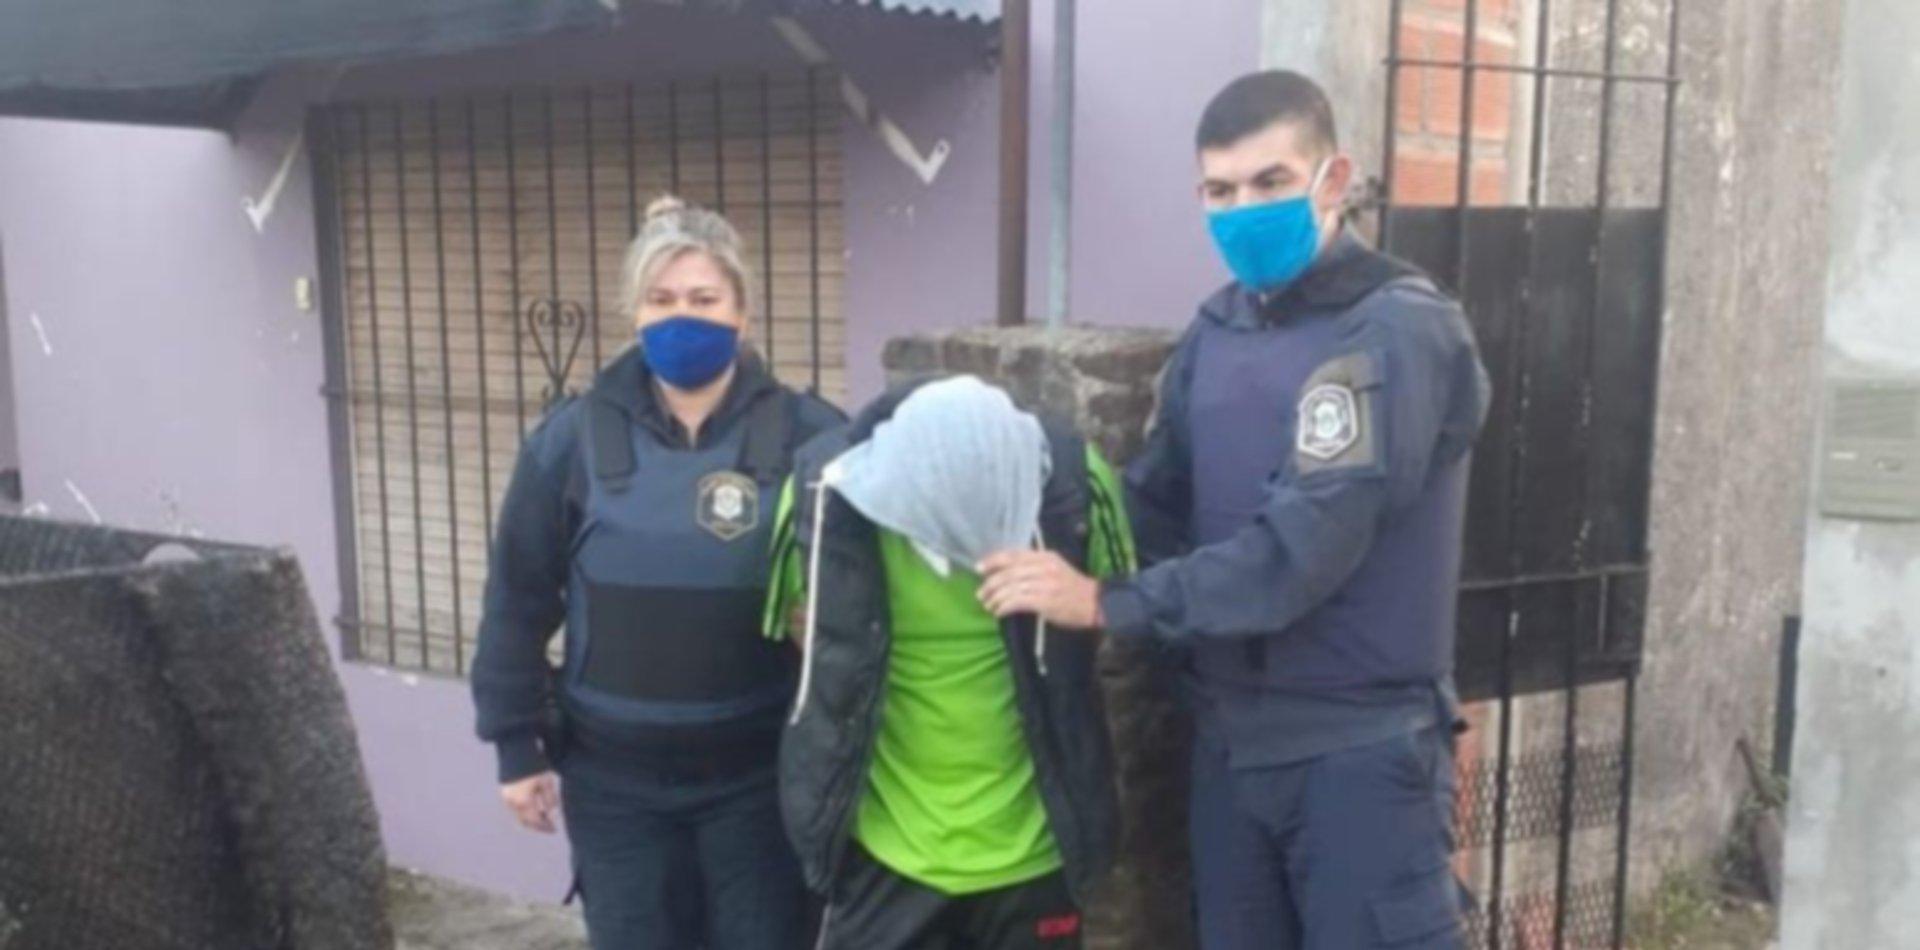 VIDEO: Así detuvieron al presunto asesino de un joven en La Plata